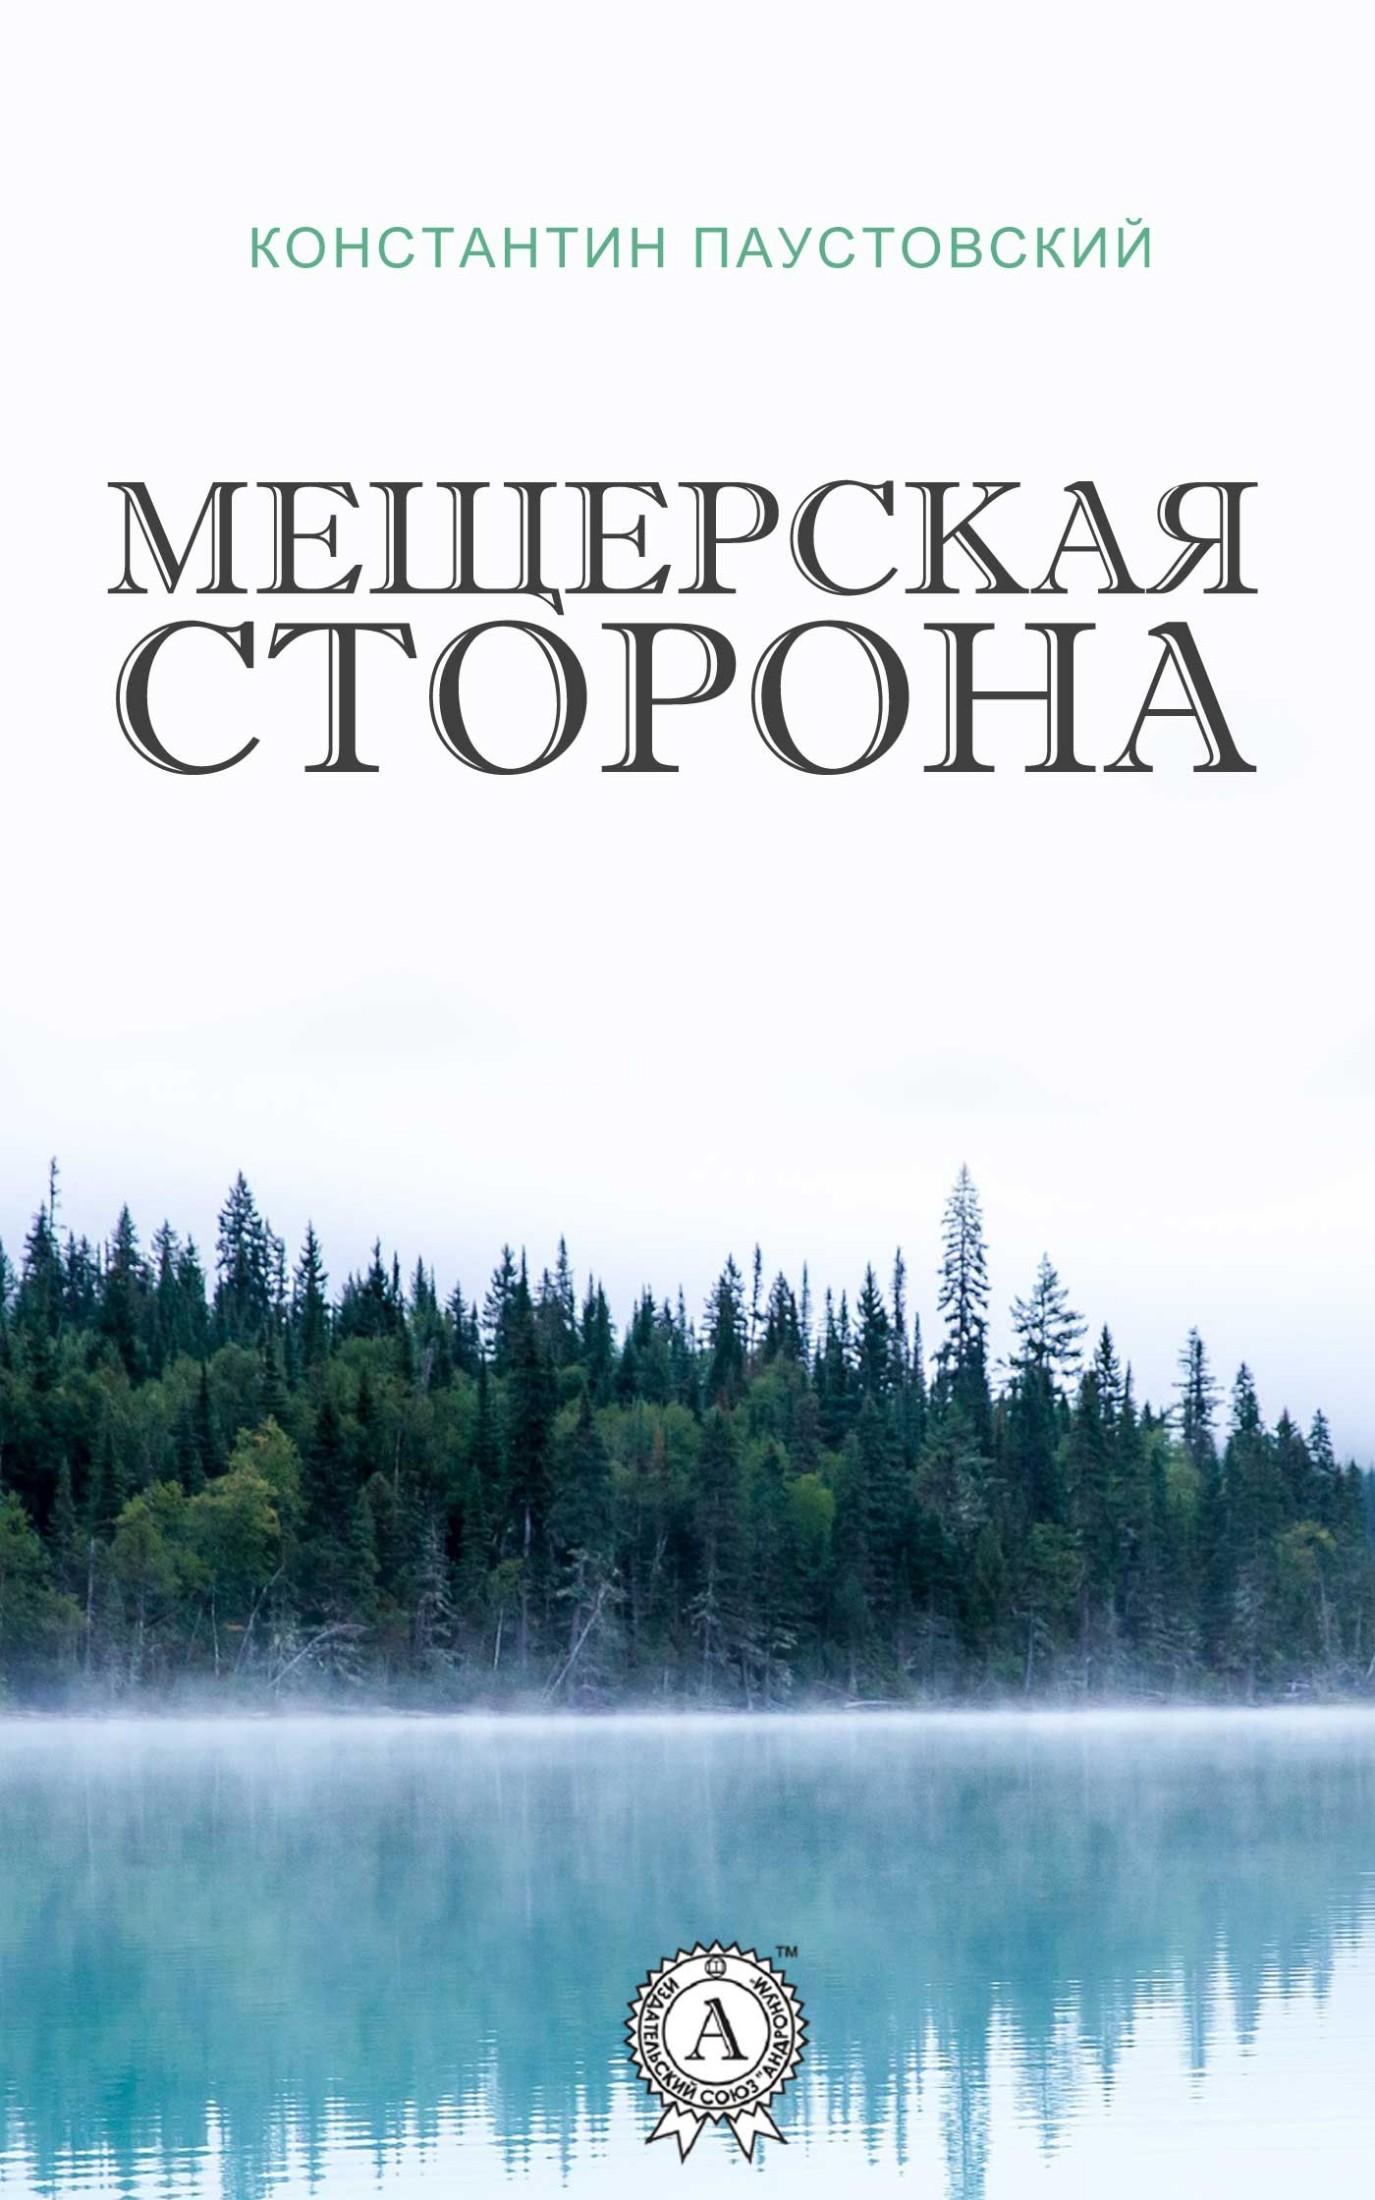 Костянтин Паустовський Мещерская сторона